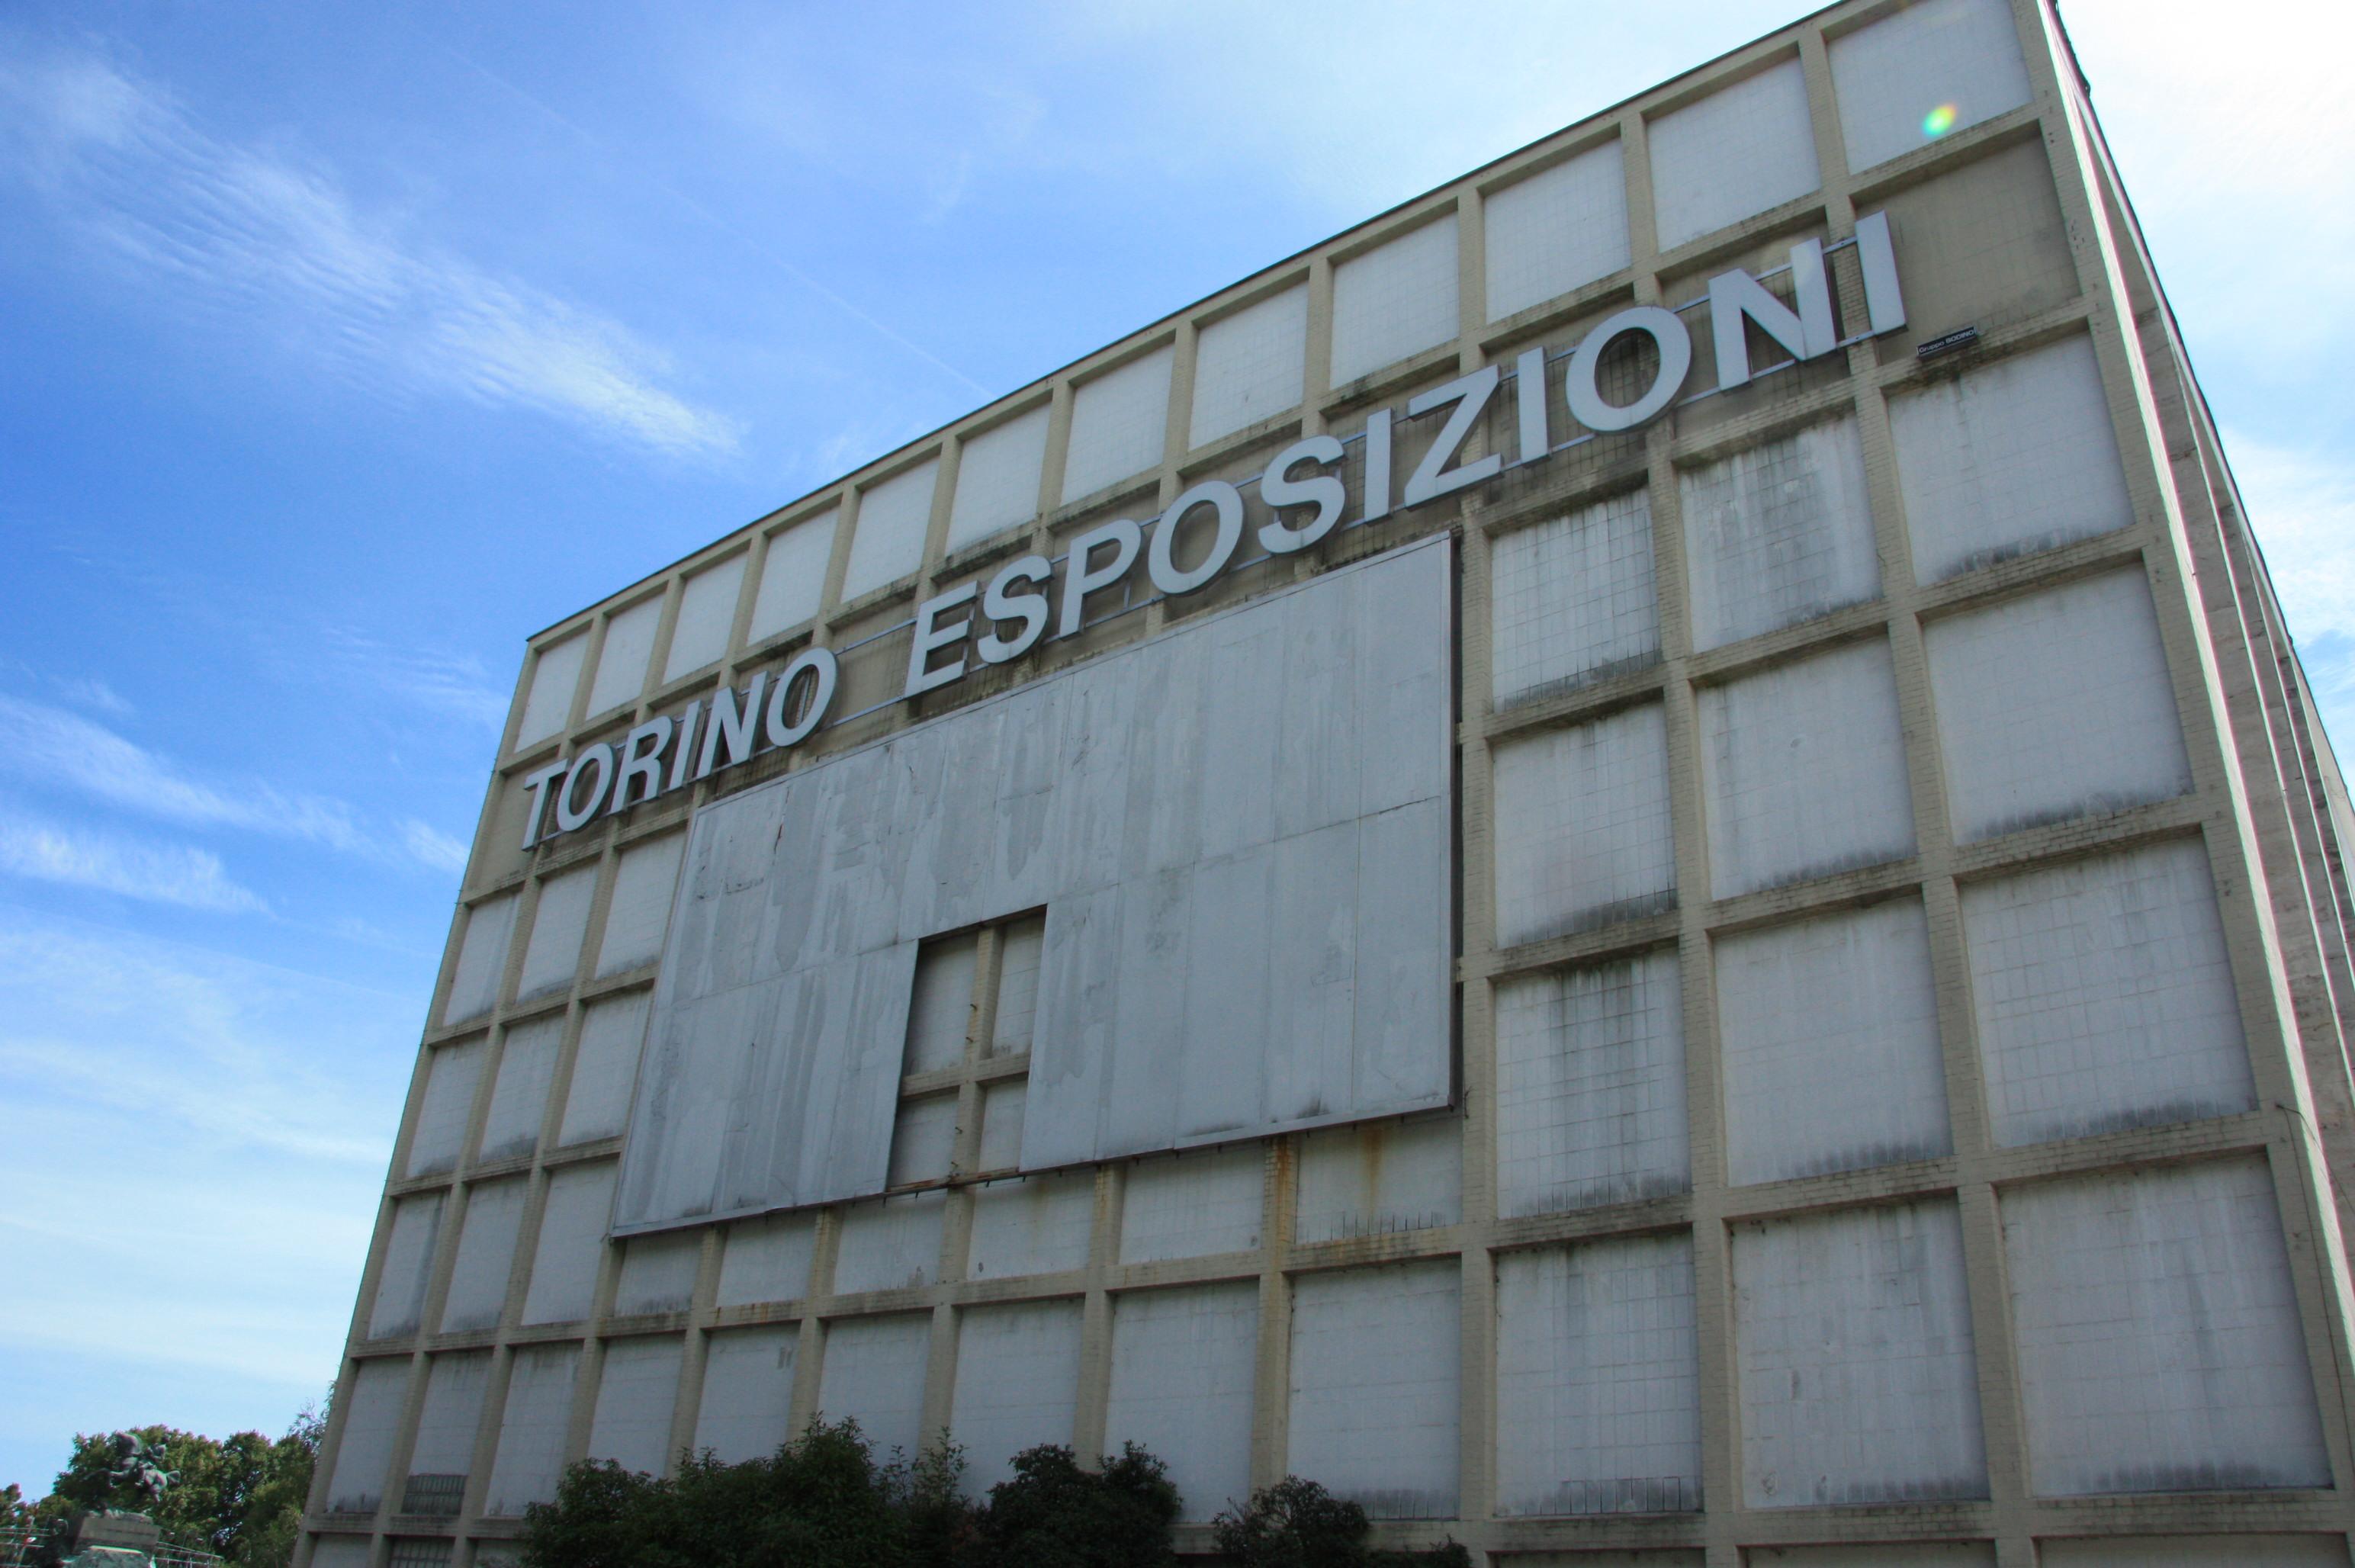 Torino esposizioni isola e moneo si aggiudicano il bando - Architetti d interni torino ...